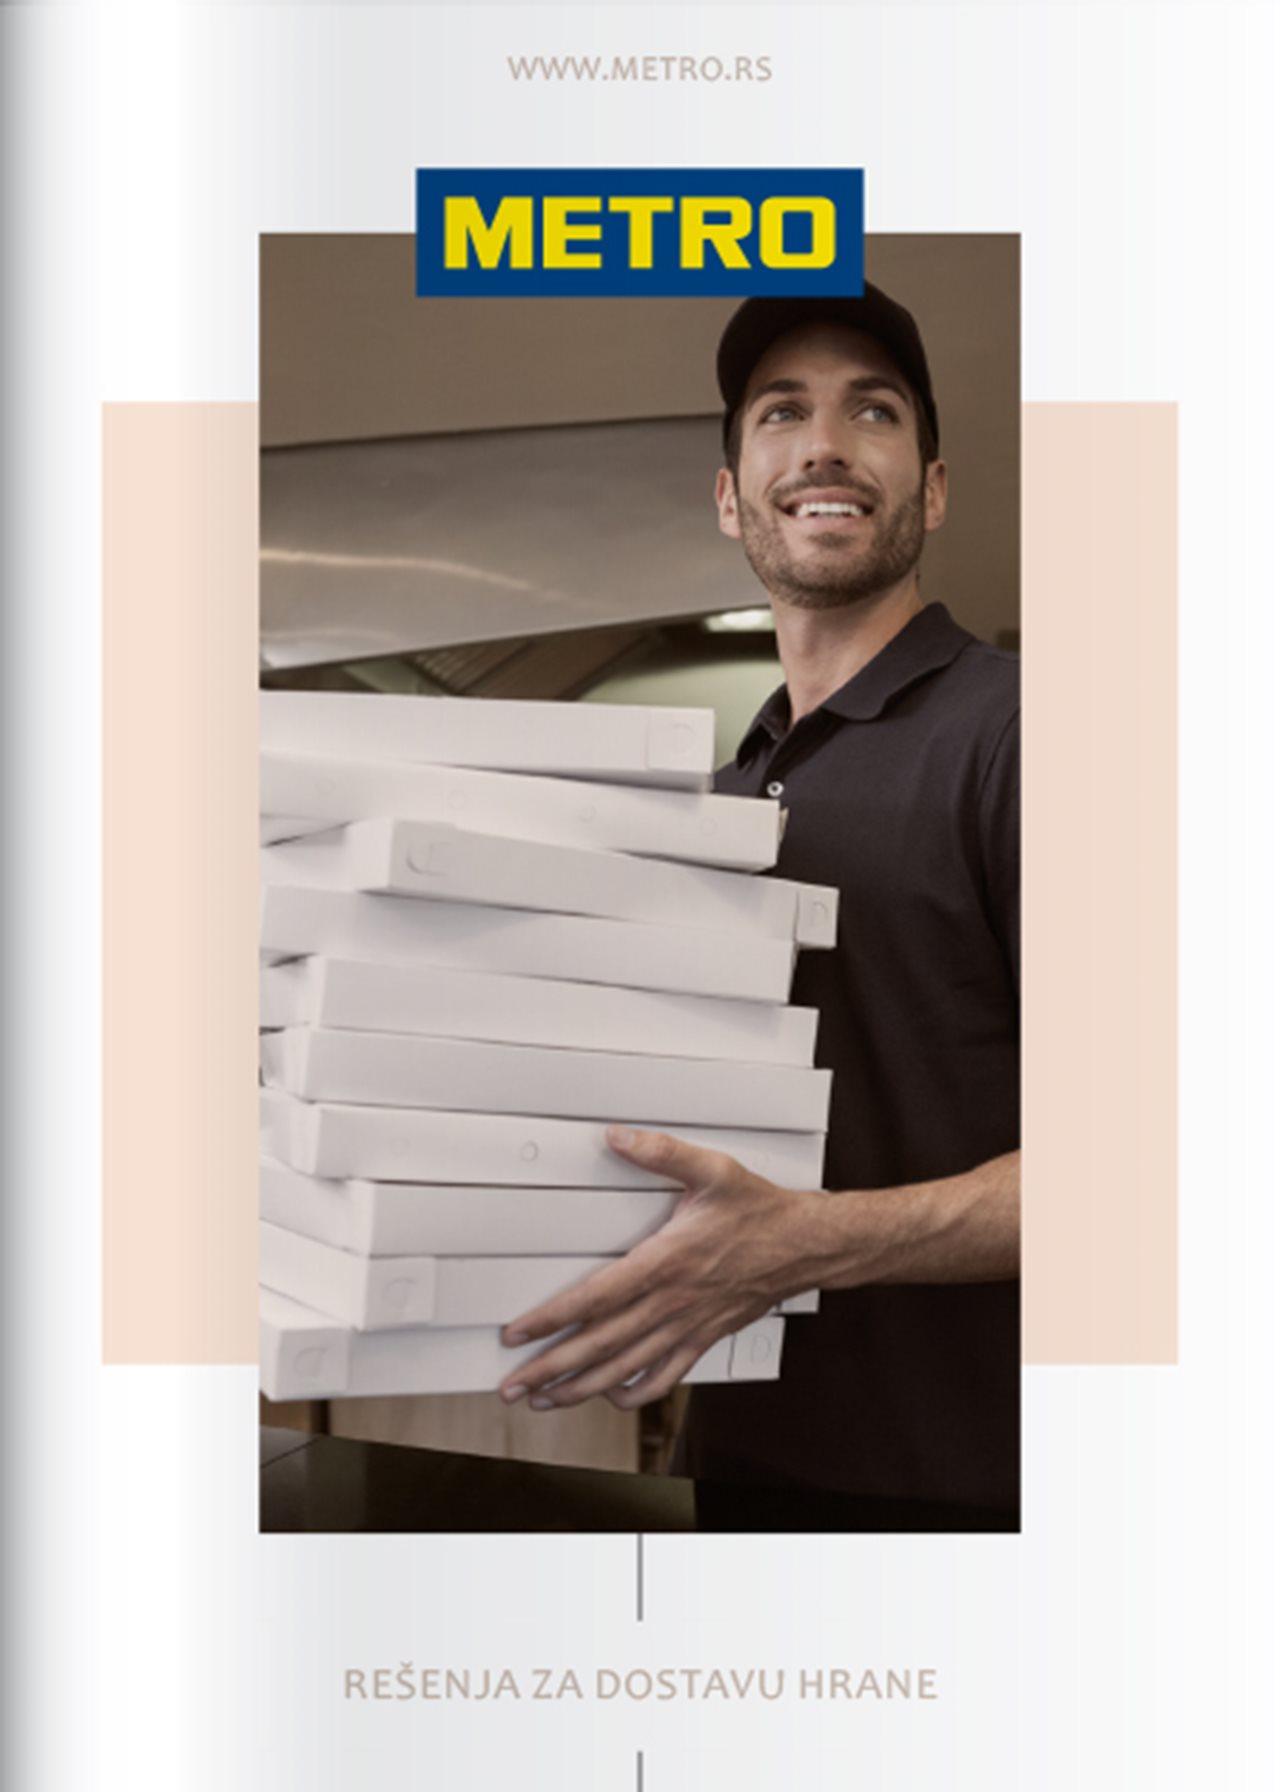 katalog rešenja za dostavu hrane